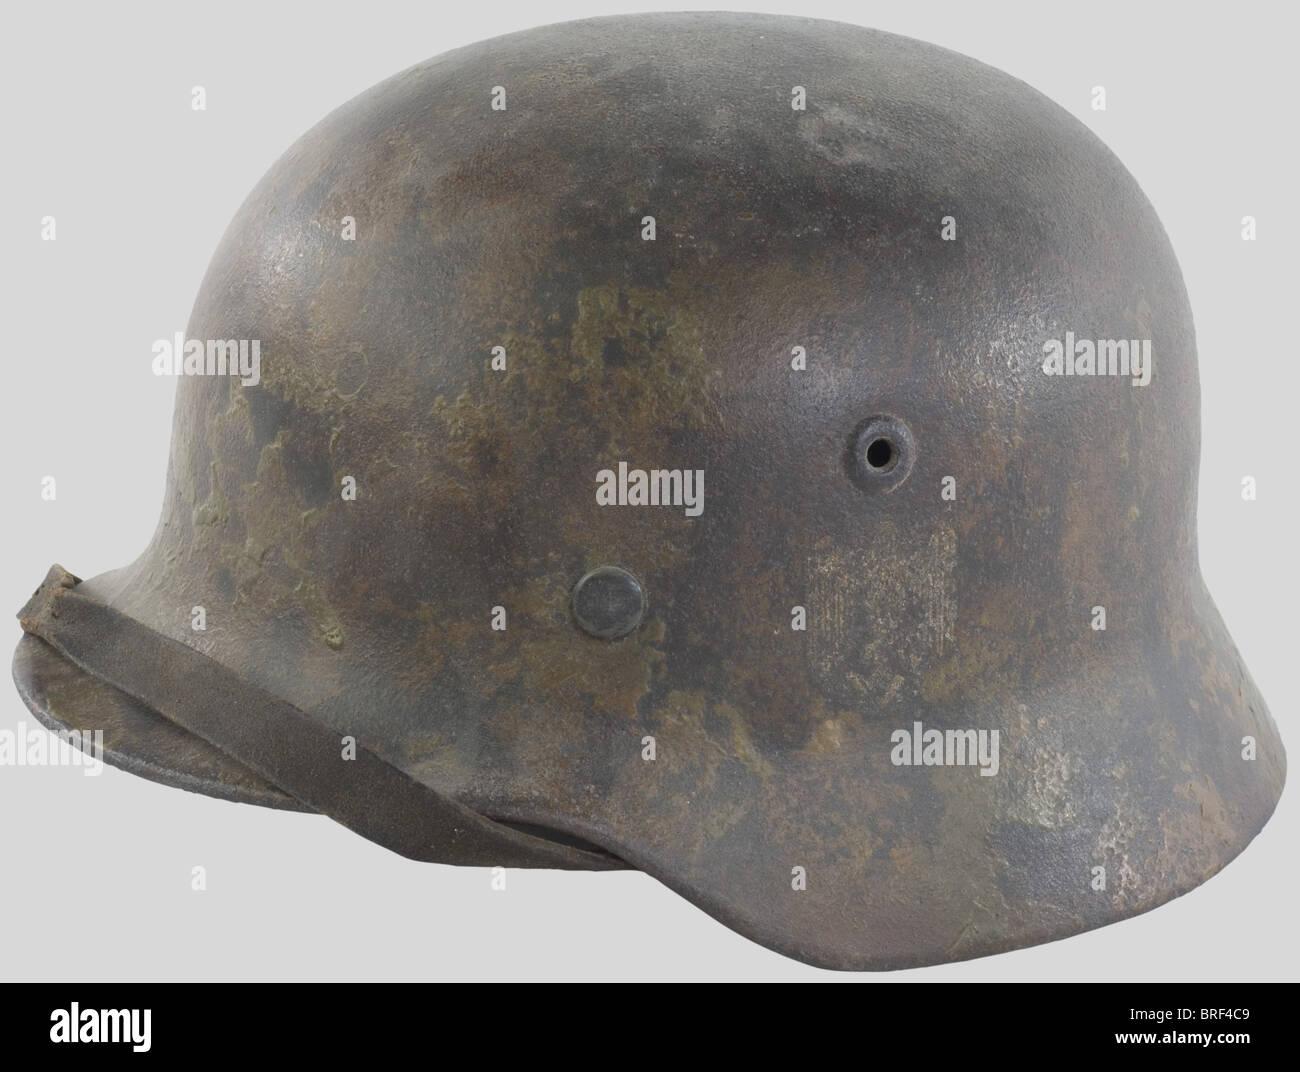 Wehrmacht, Casque camouflé, modèle 35/40, camouflé Deux t, aigle recouvert par le Camouflage. Intérieur Stockbild